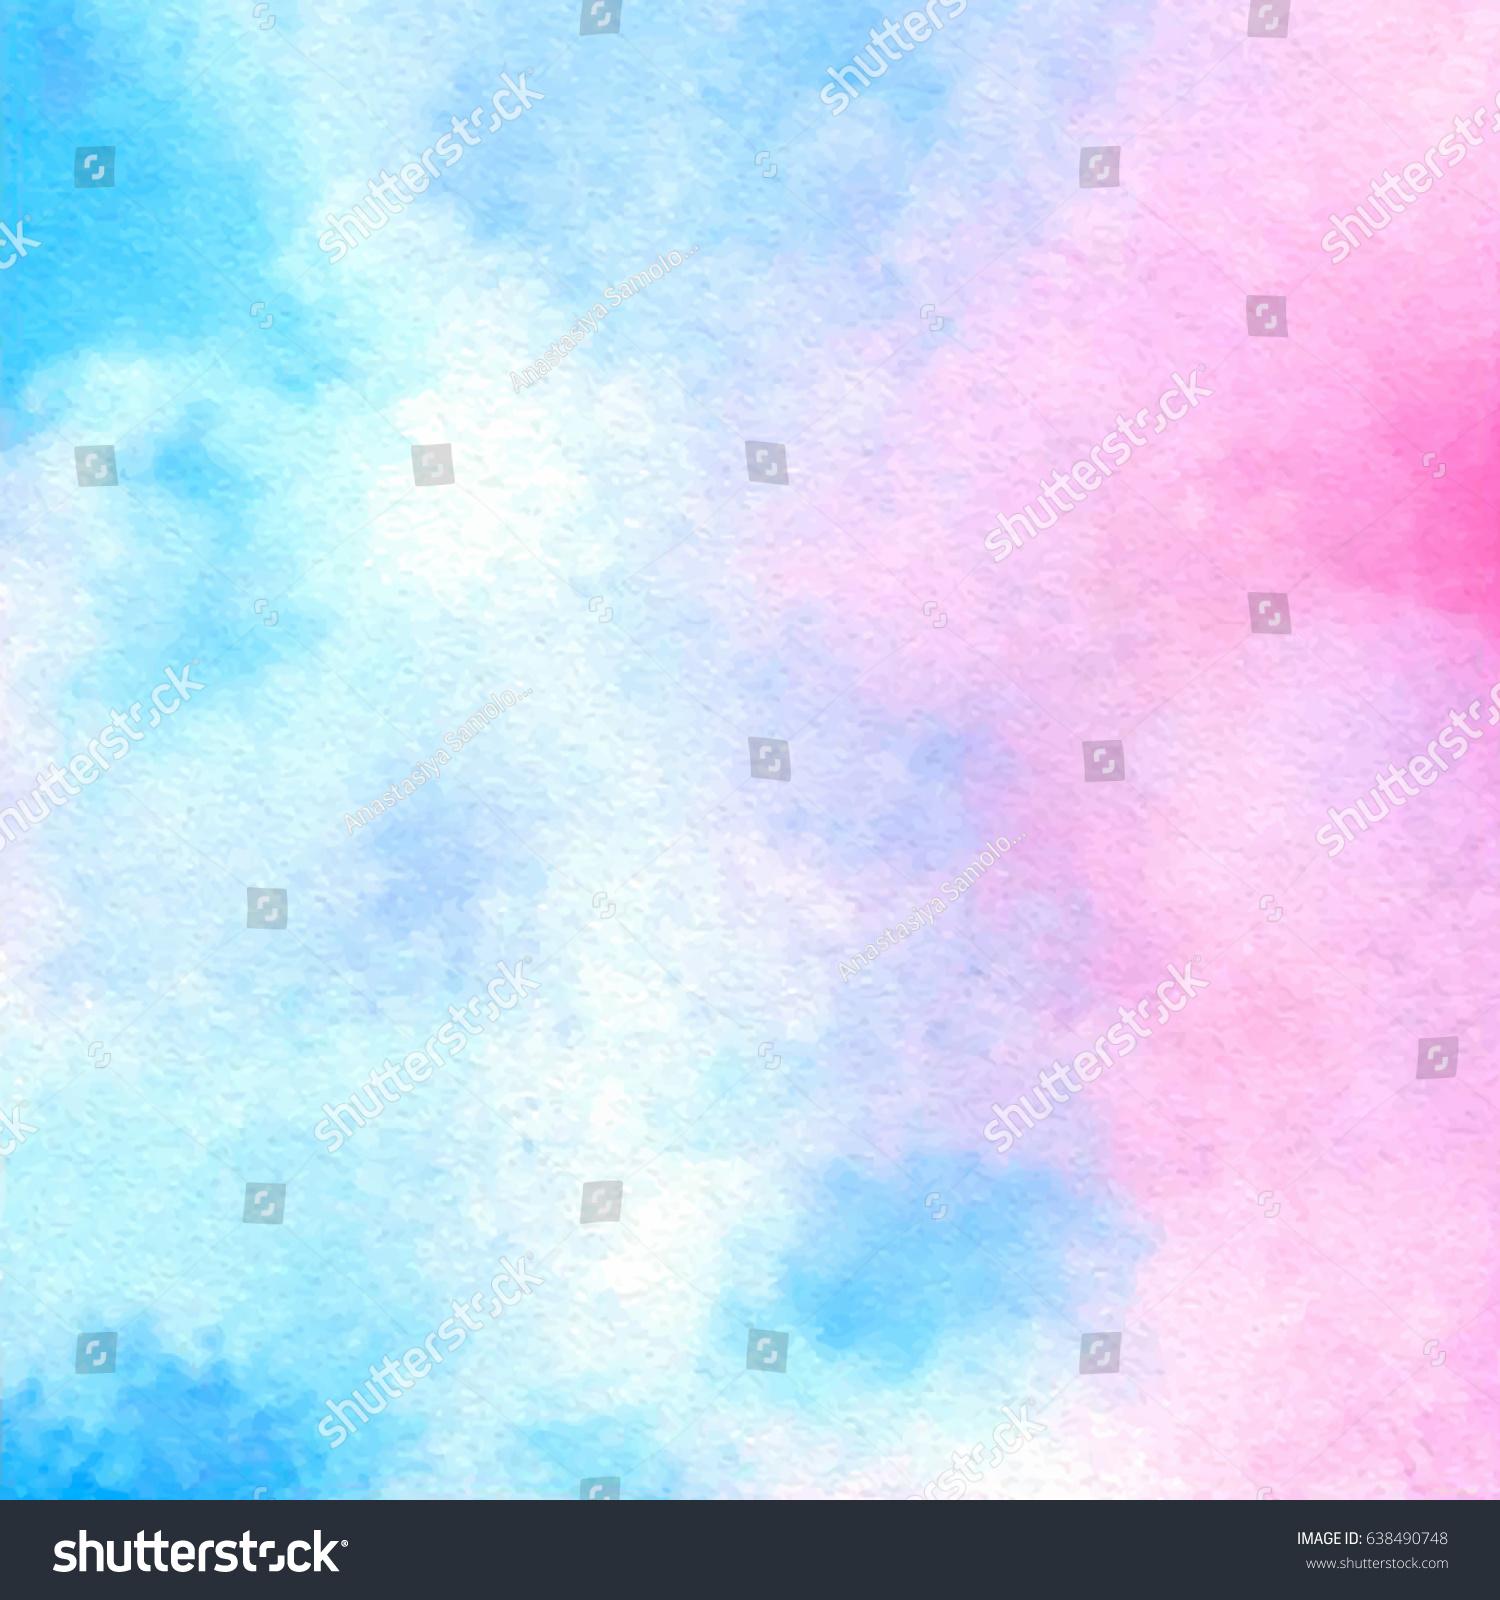 カード テキストデザイン 印刷用の青いピンクの白い水色の明るい